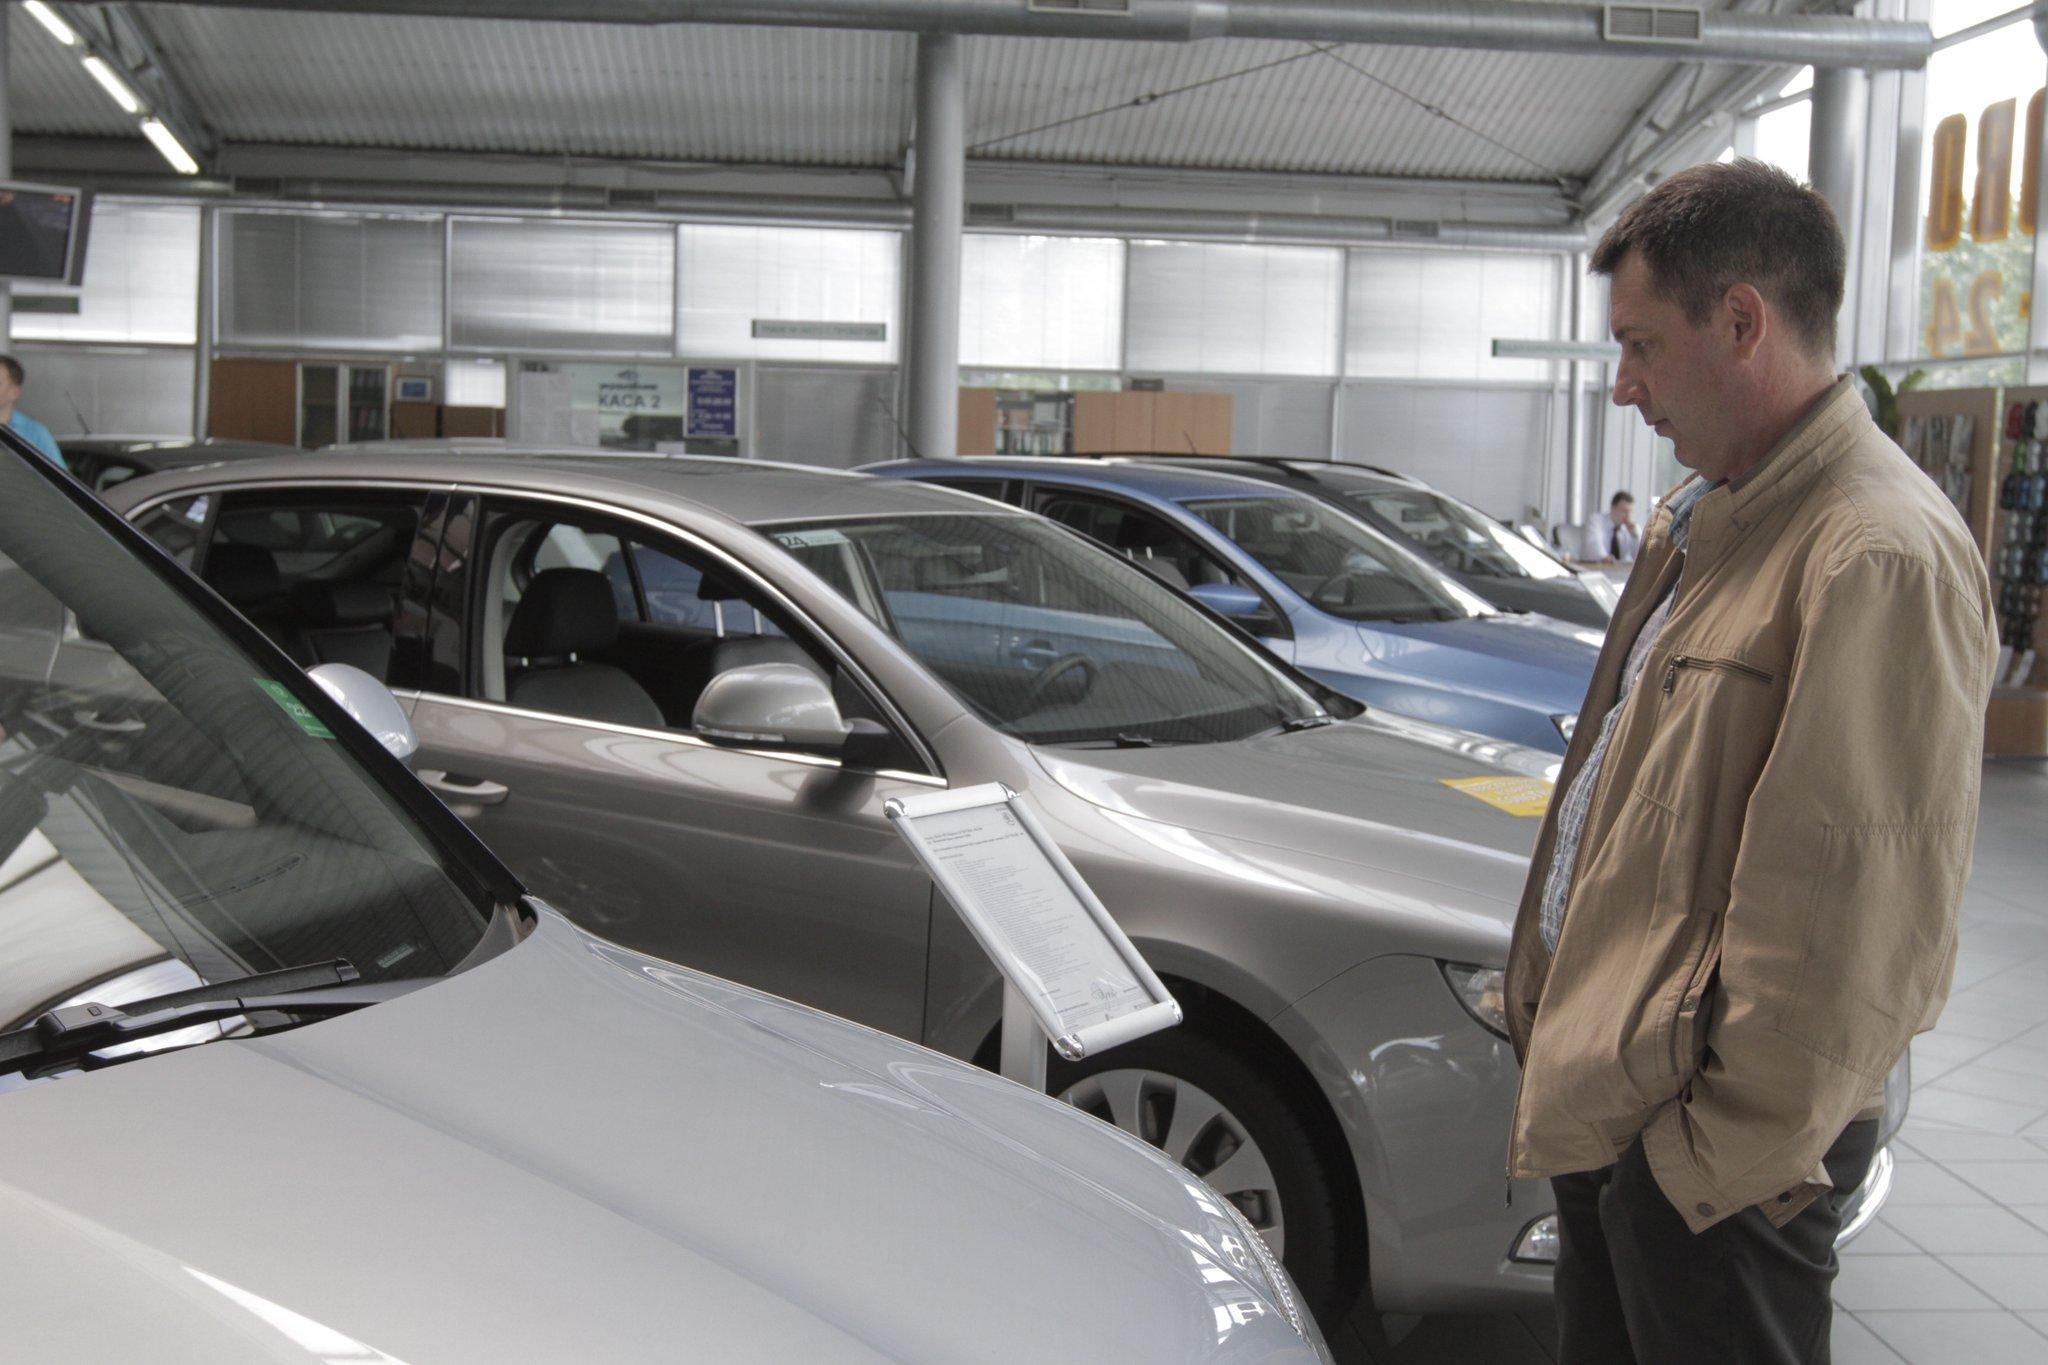 Исковое заявление о взыскании задолженности по договору аренды автомобиля